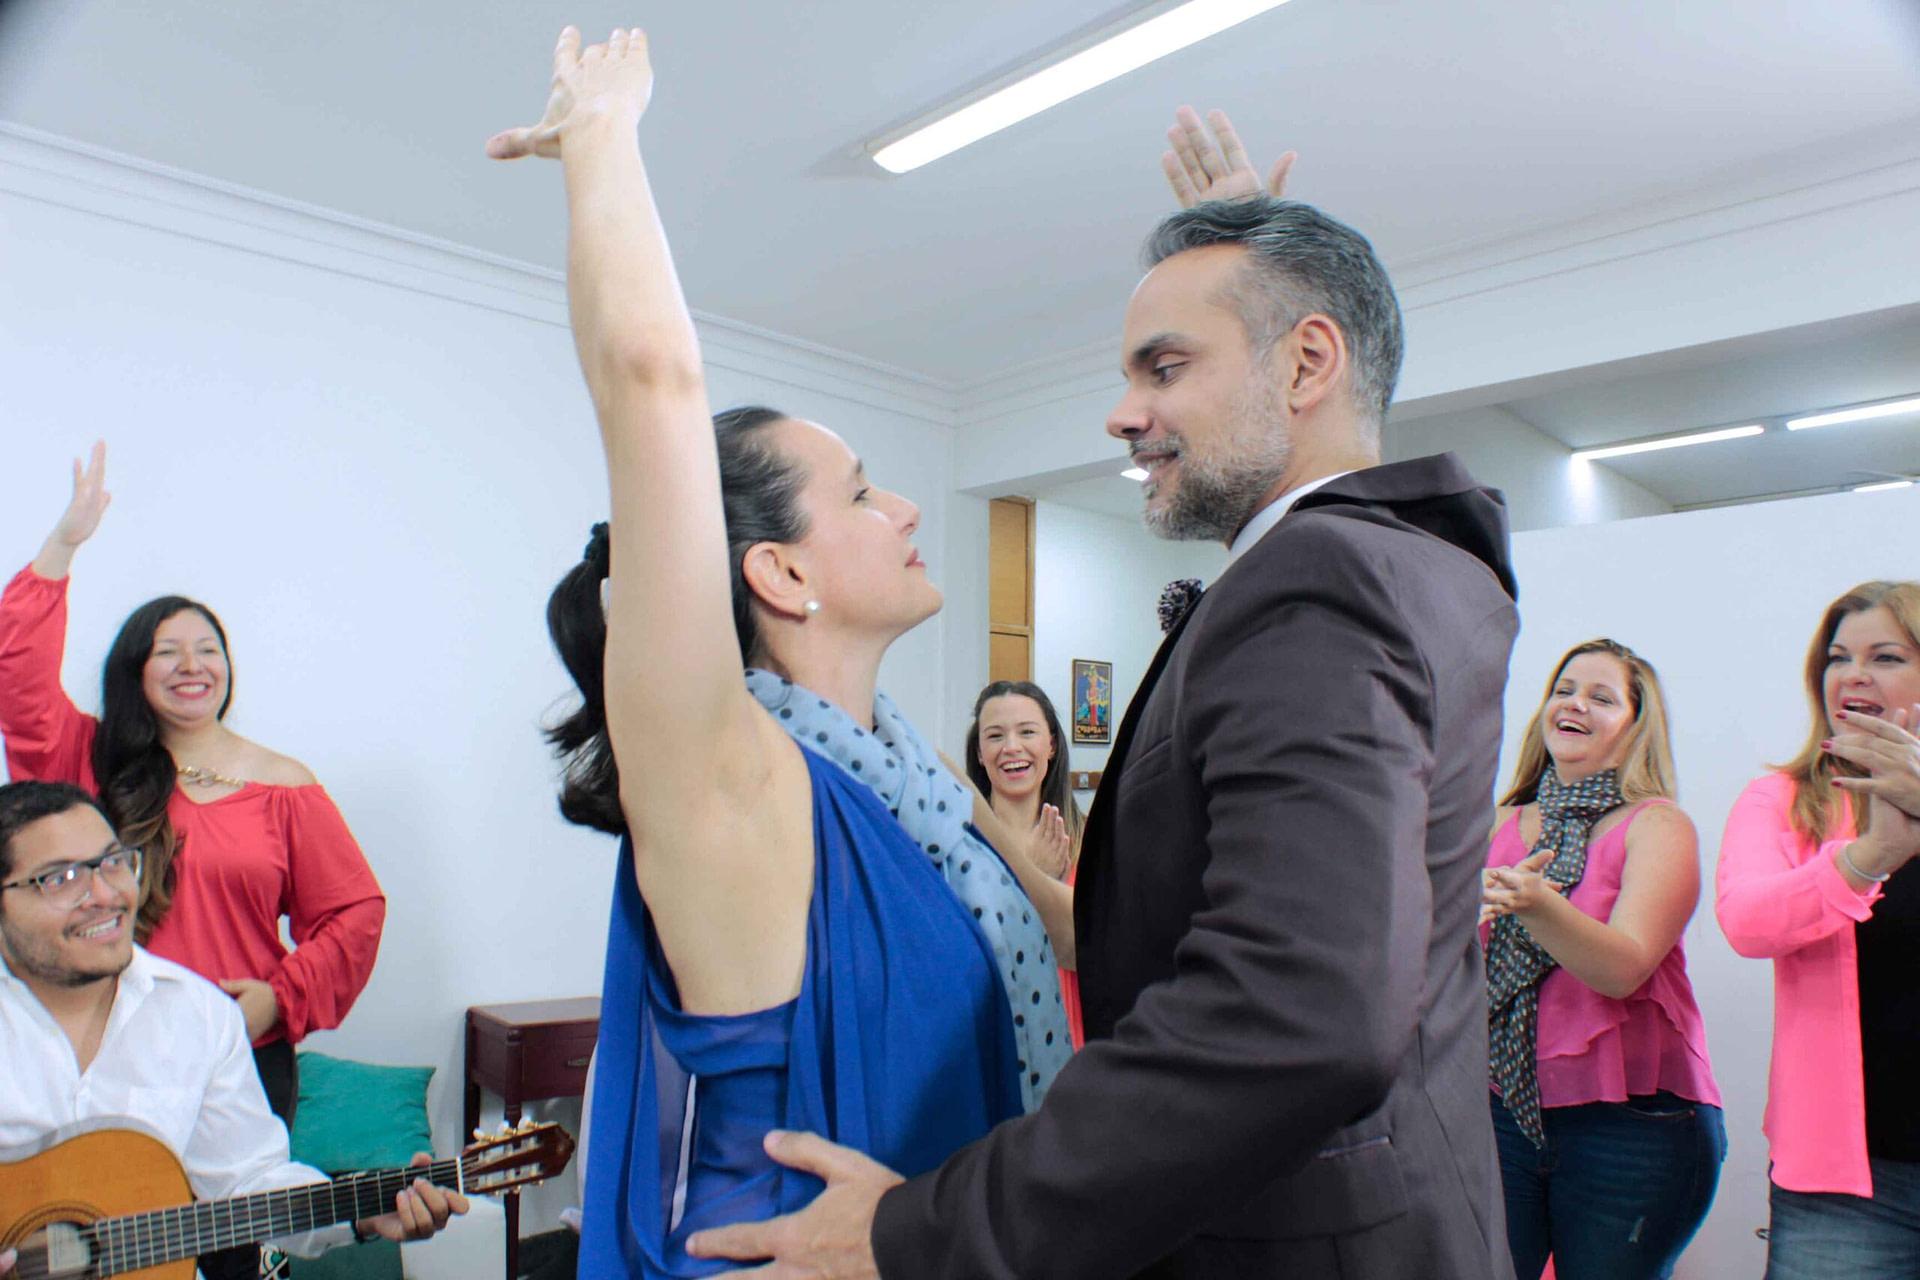 Imagen de 2 personas bailando